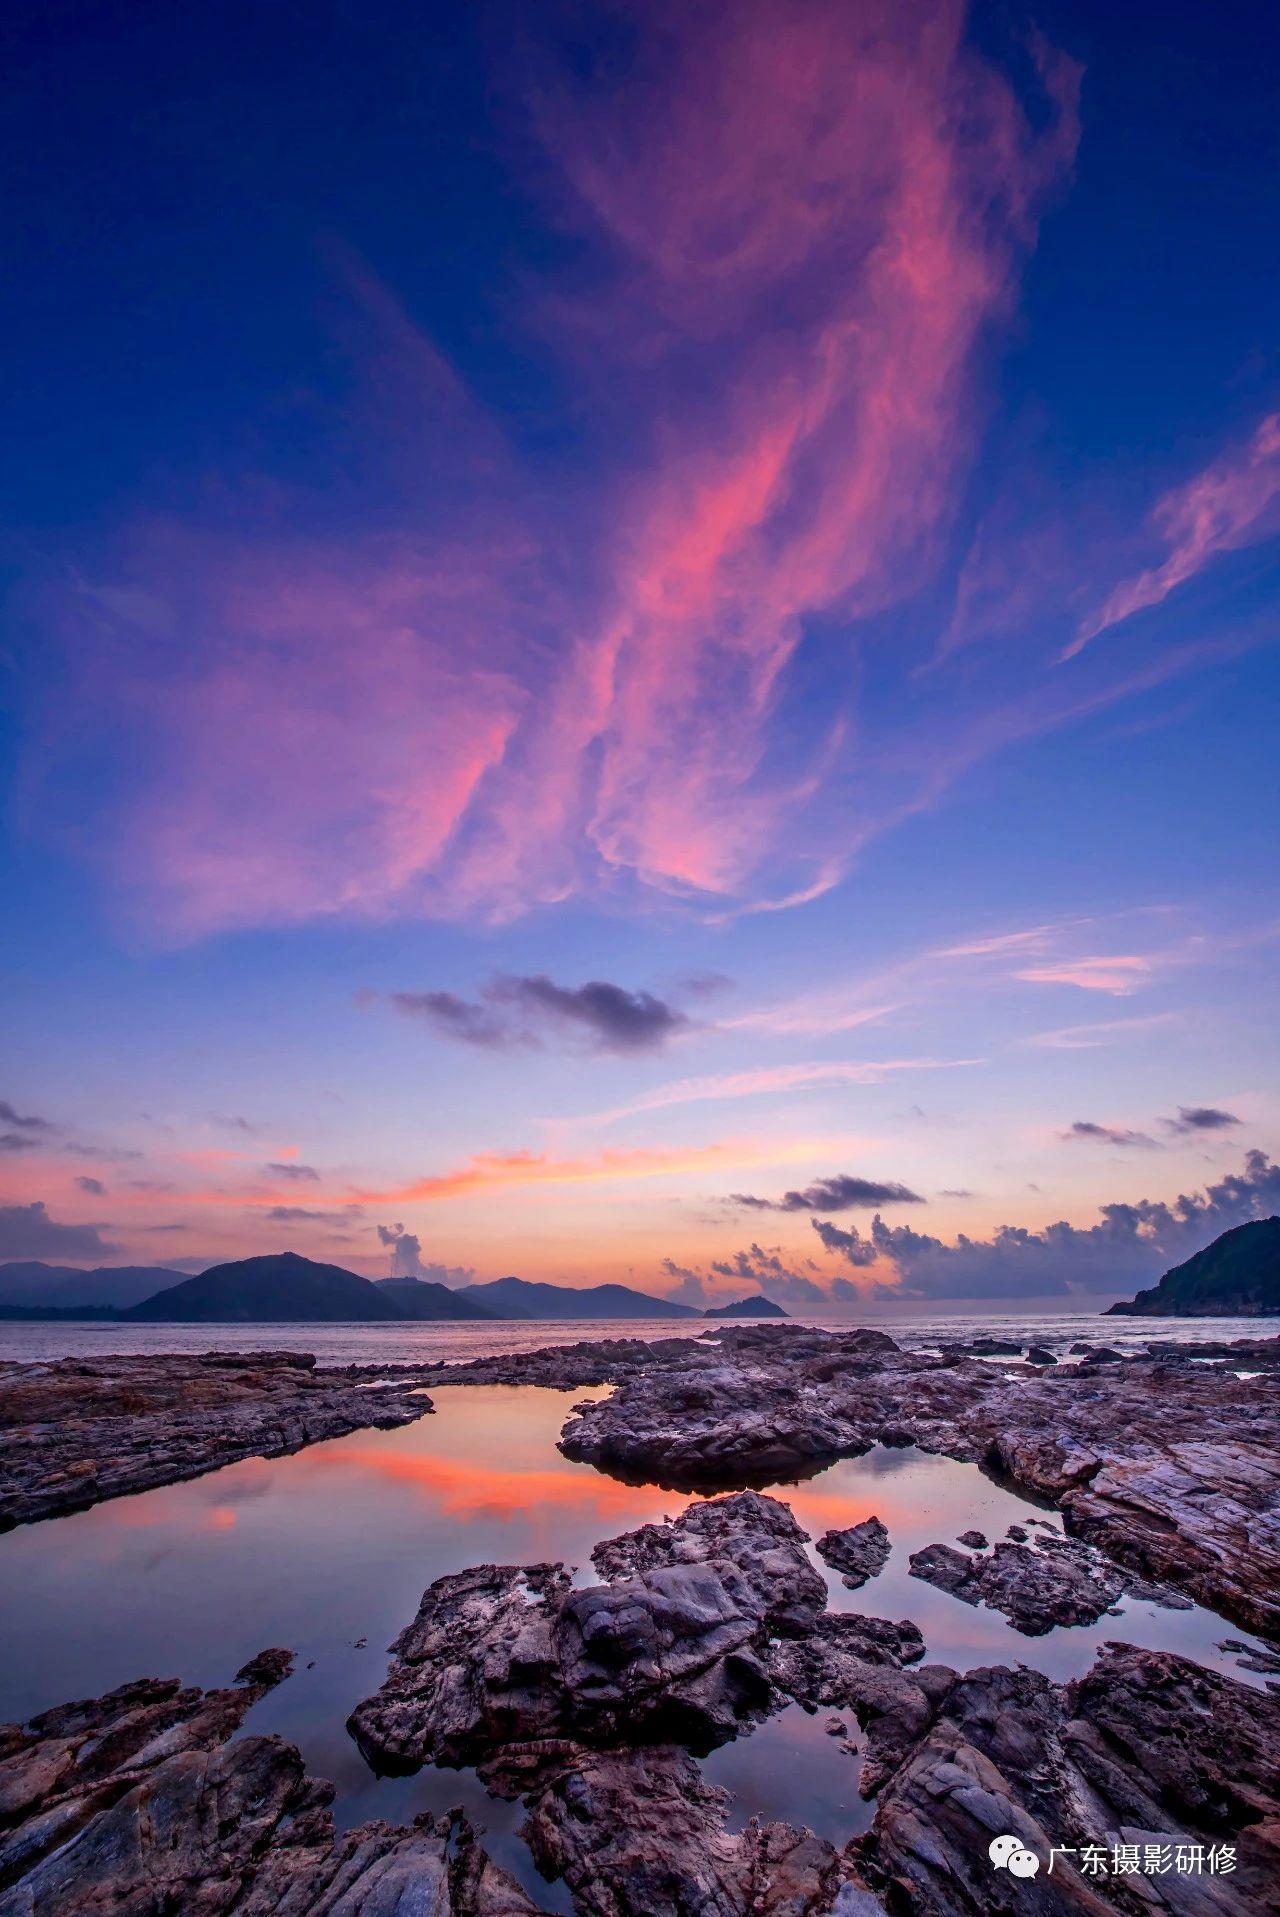 盐洲岛慢速摄影(人像)拍摄团